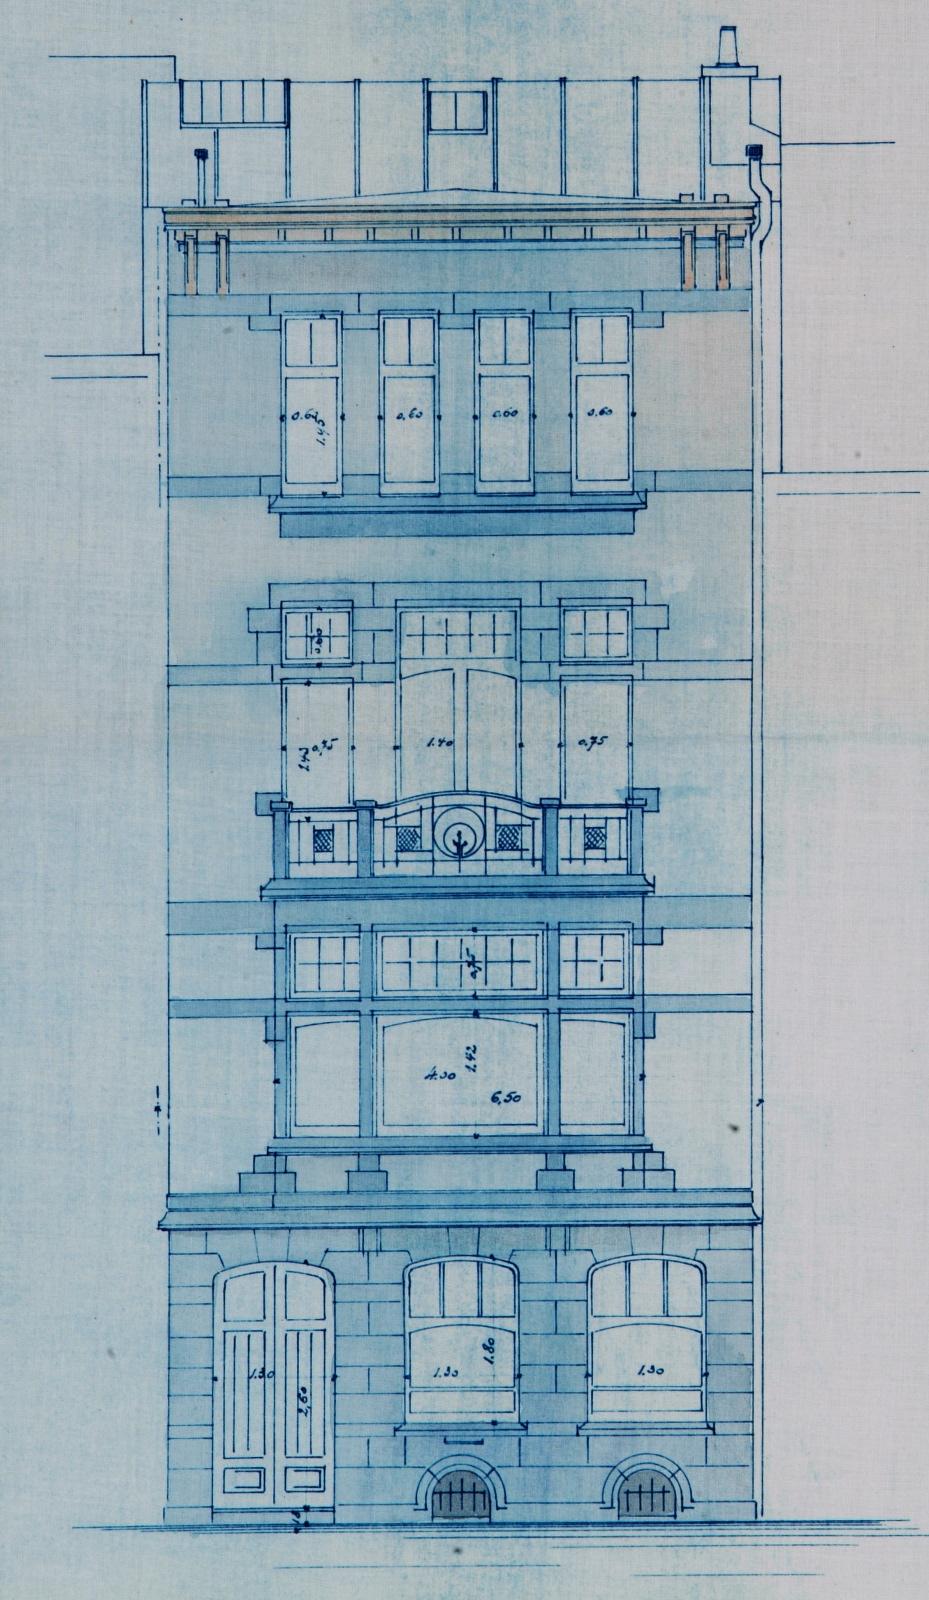 Chaussée de Vleurgat 184, maison d\'inspiration Art nouveau, aujourd\'hui abîmée par le percement d\'un r.d.ch. commercial, élévation, AVB/TP 1470 (1907).